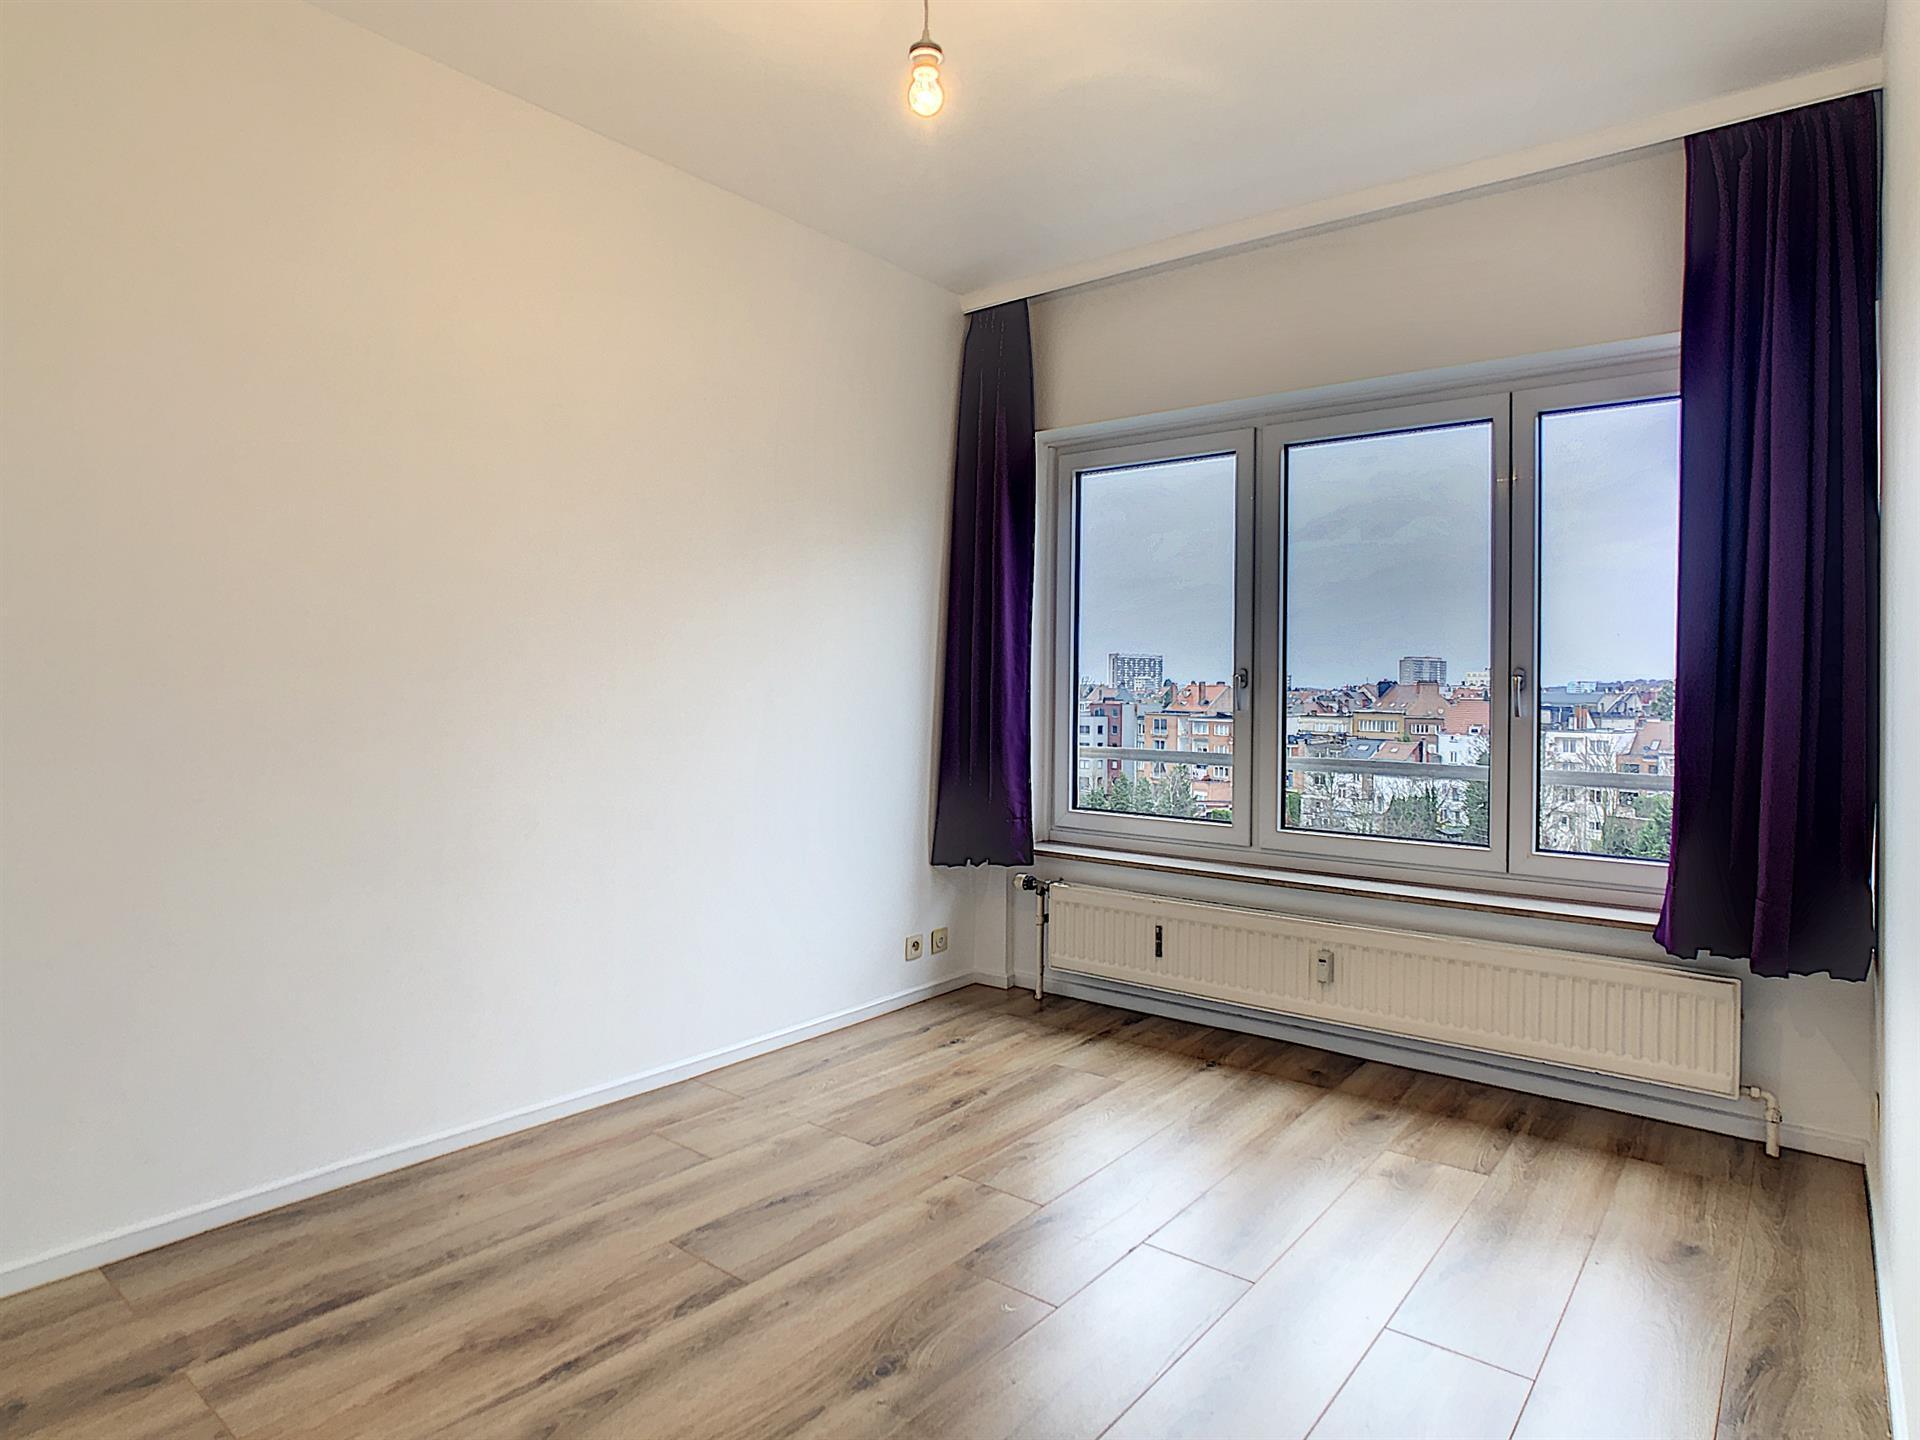 Appartement - Koekelberg - #4236930-7